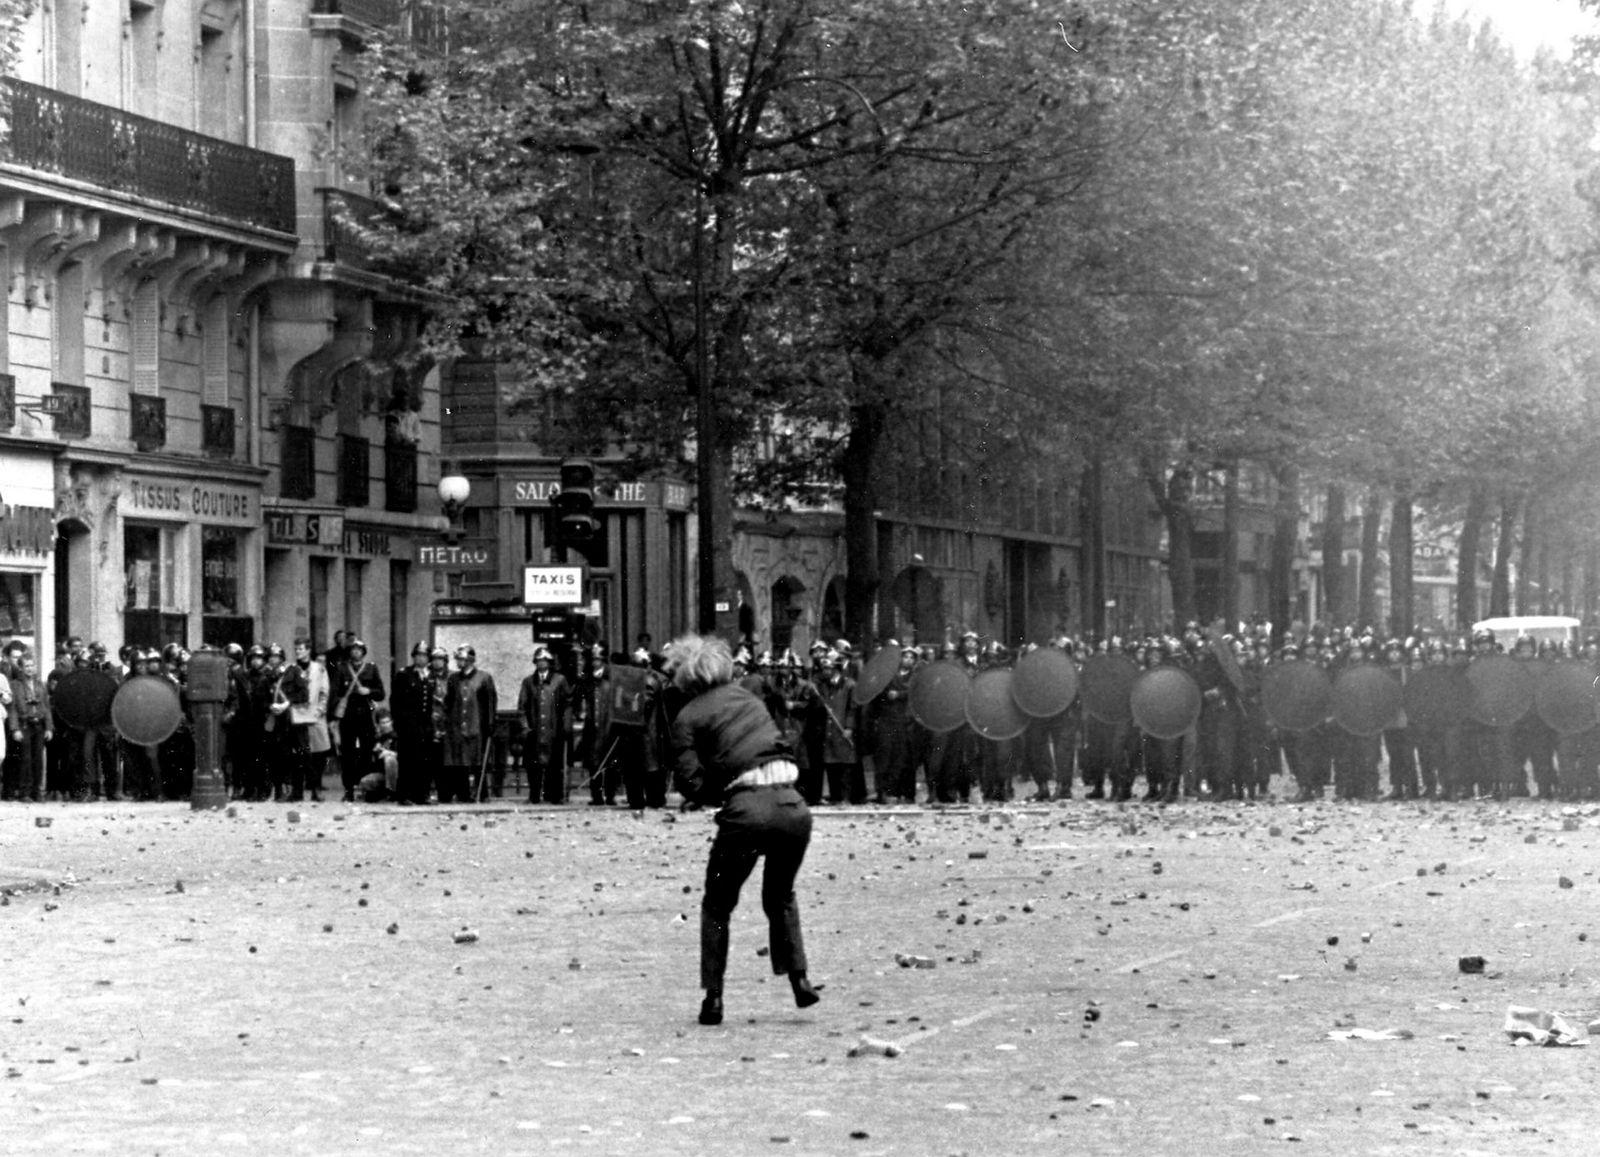 En student kaster sten mot politiet i det som er regnet som det største opprøret i Frankrike etter den annen verdenskrig.